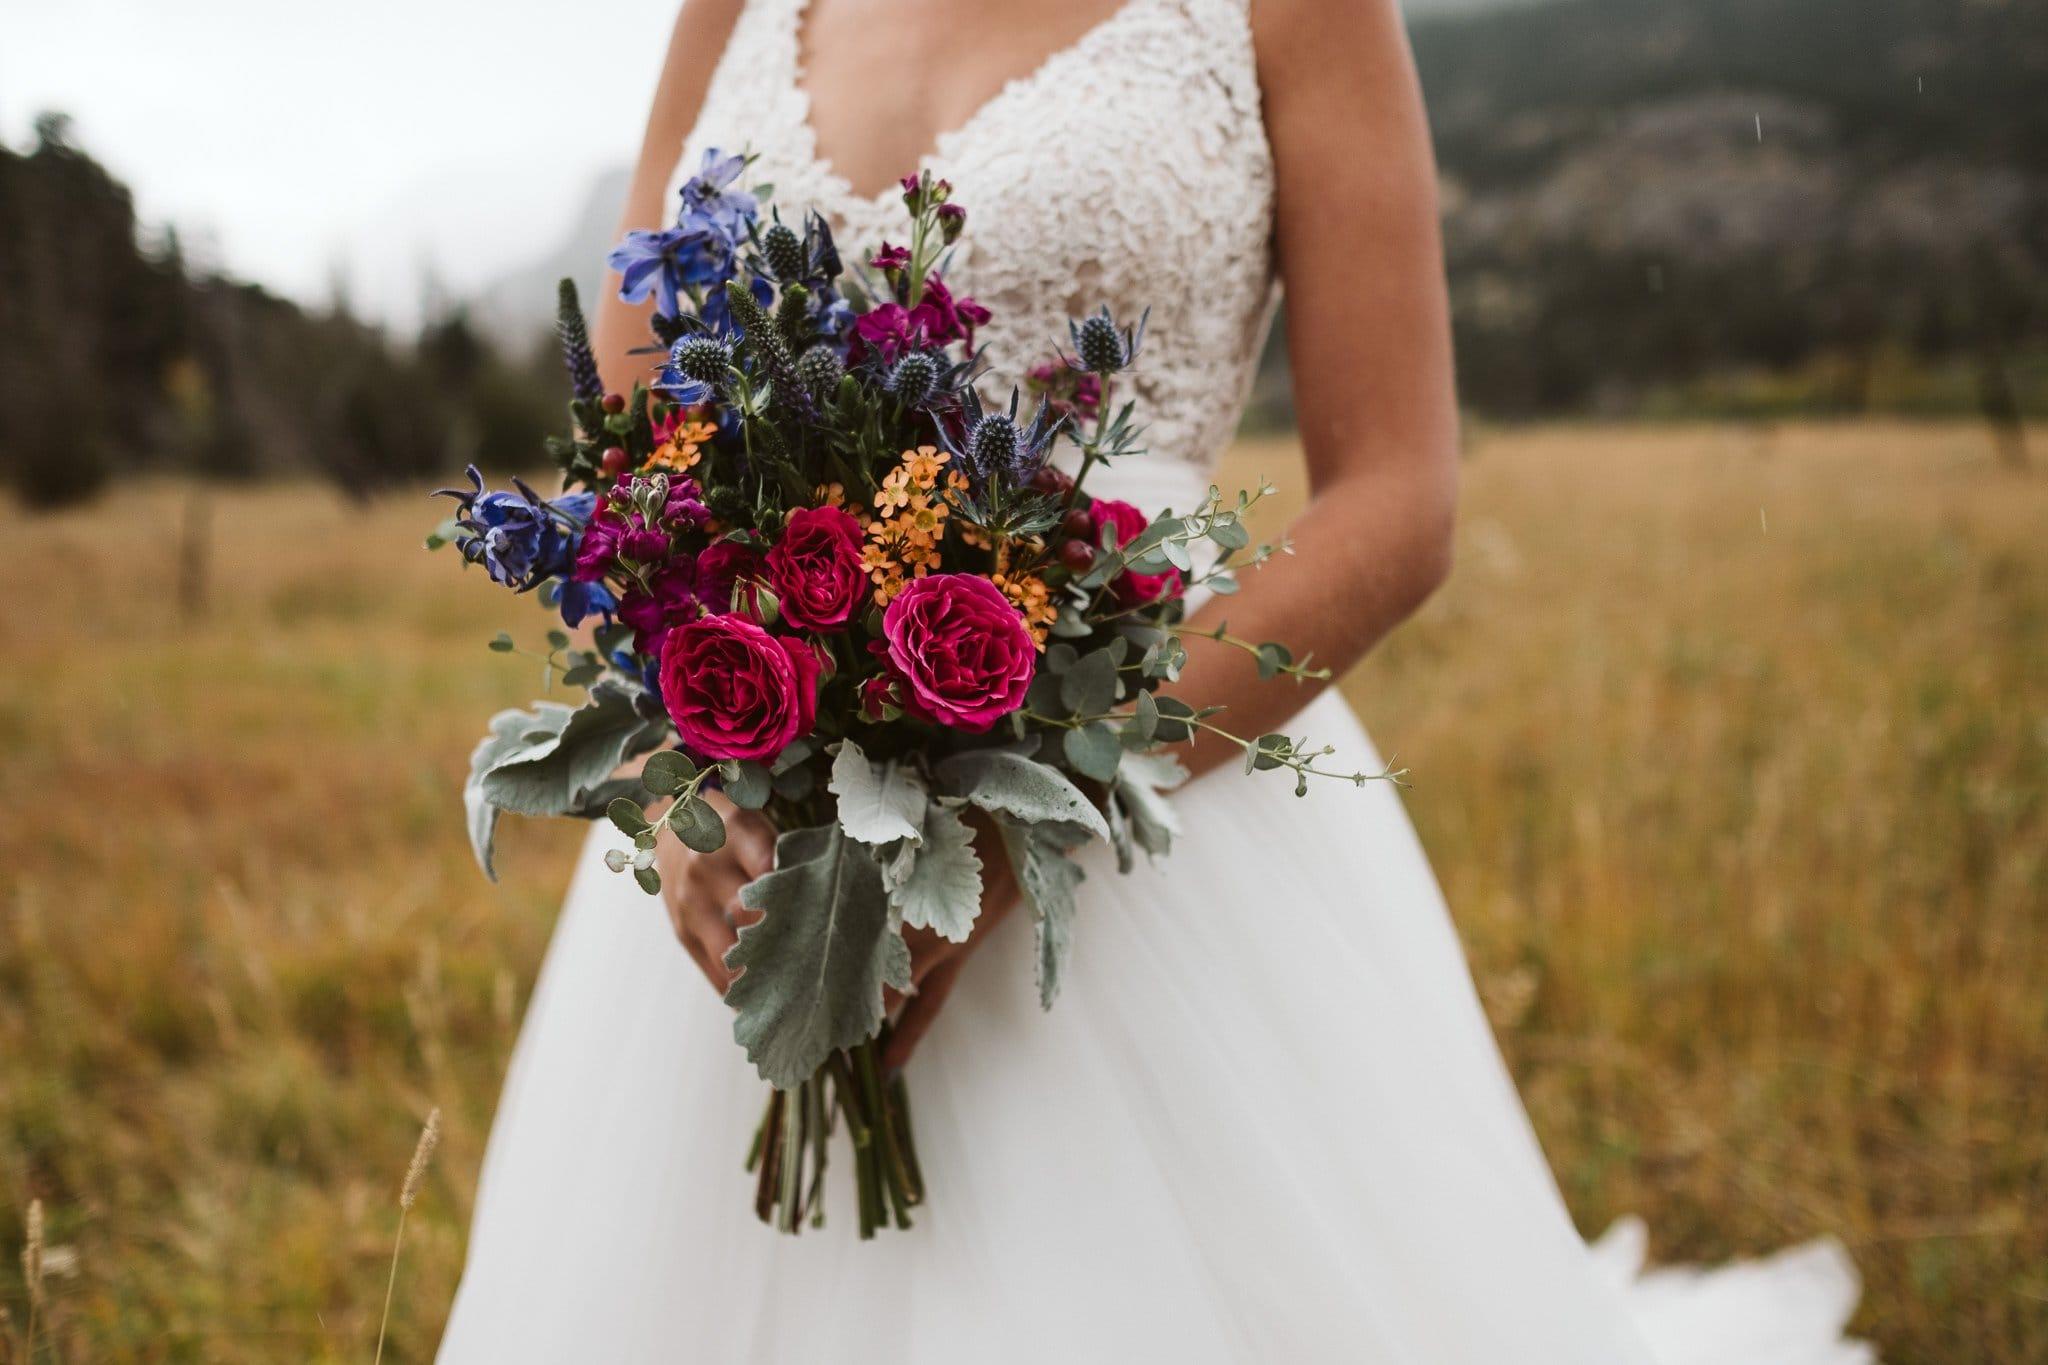 The Enchanted Florist in Estes Park, Colorado wedding florist